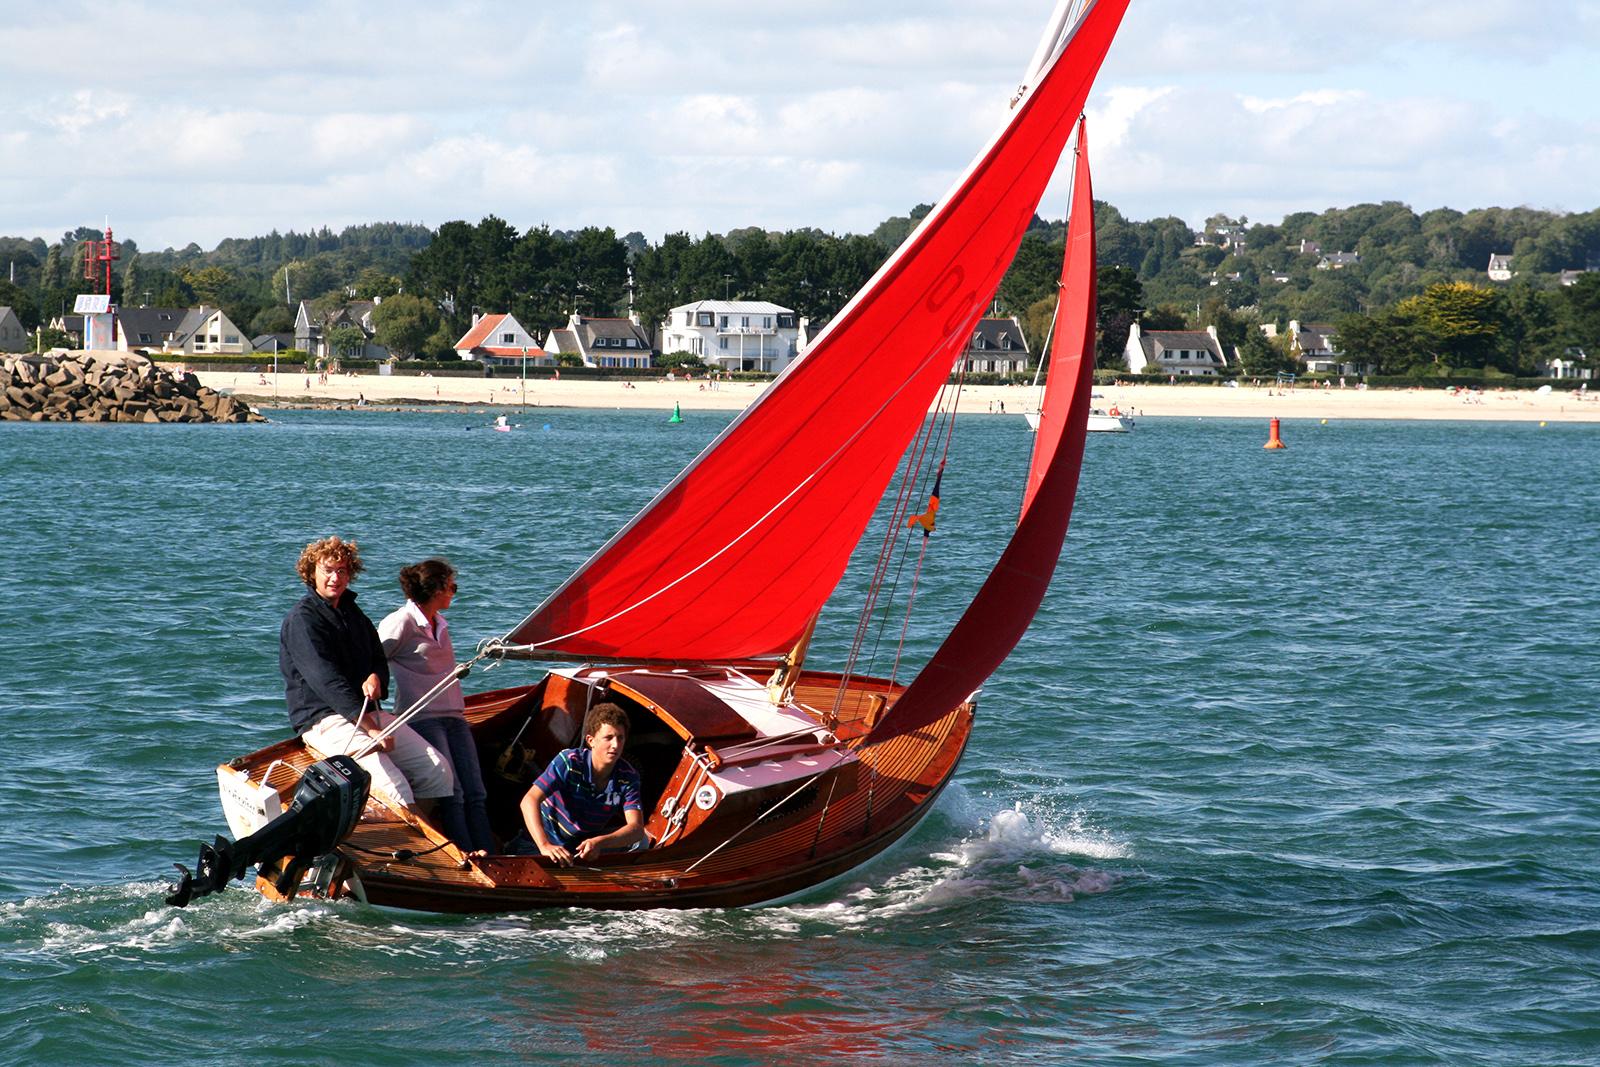 La foret fouesnant port la foret bateau bois voile rouge office de tourisme la foret fouesnant - Office tourisme fouesnant ...